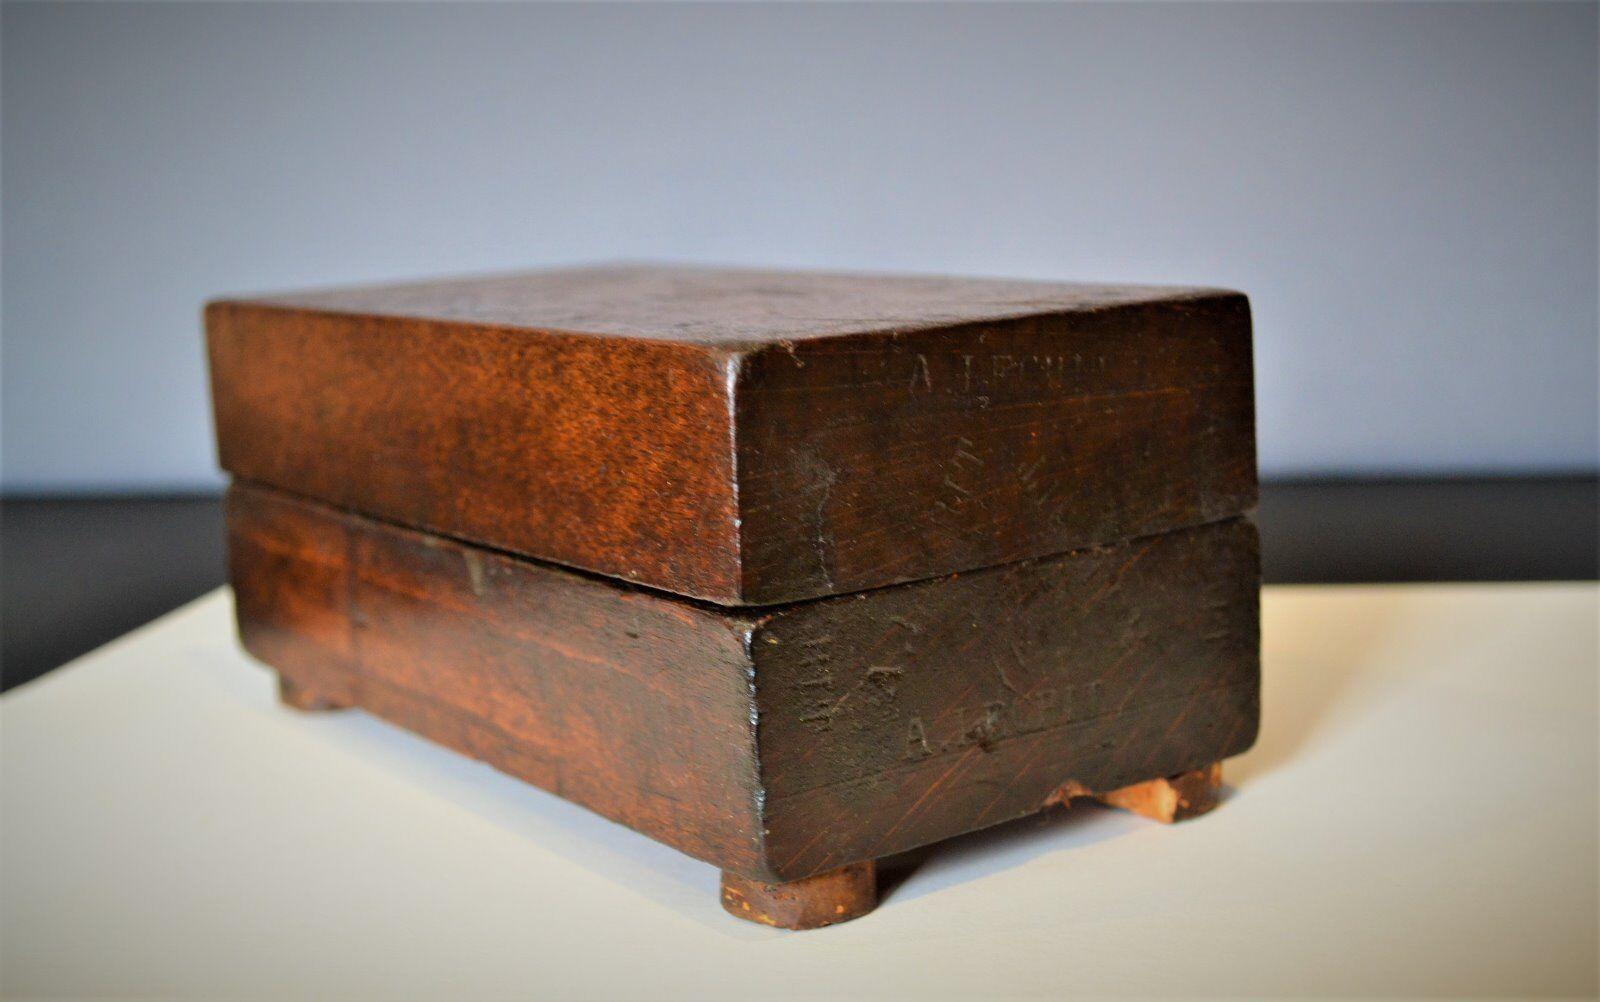 Très belle ancienne pierre à affûter aiguiser dans sa boîte d'origine